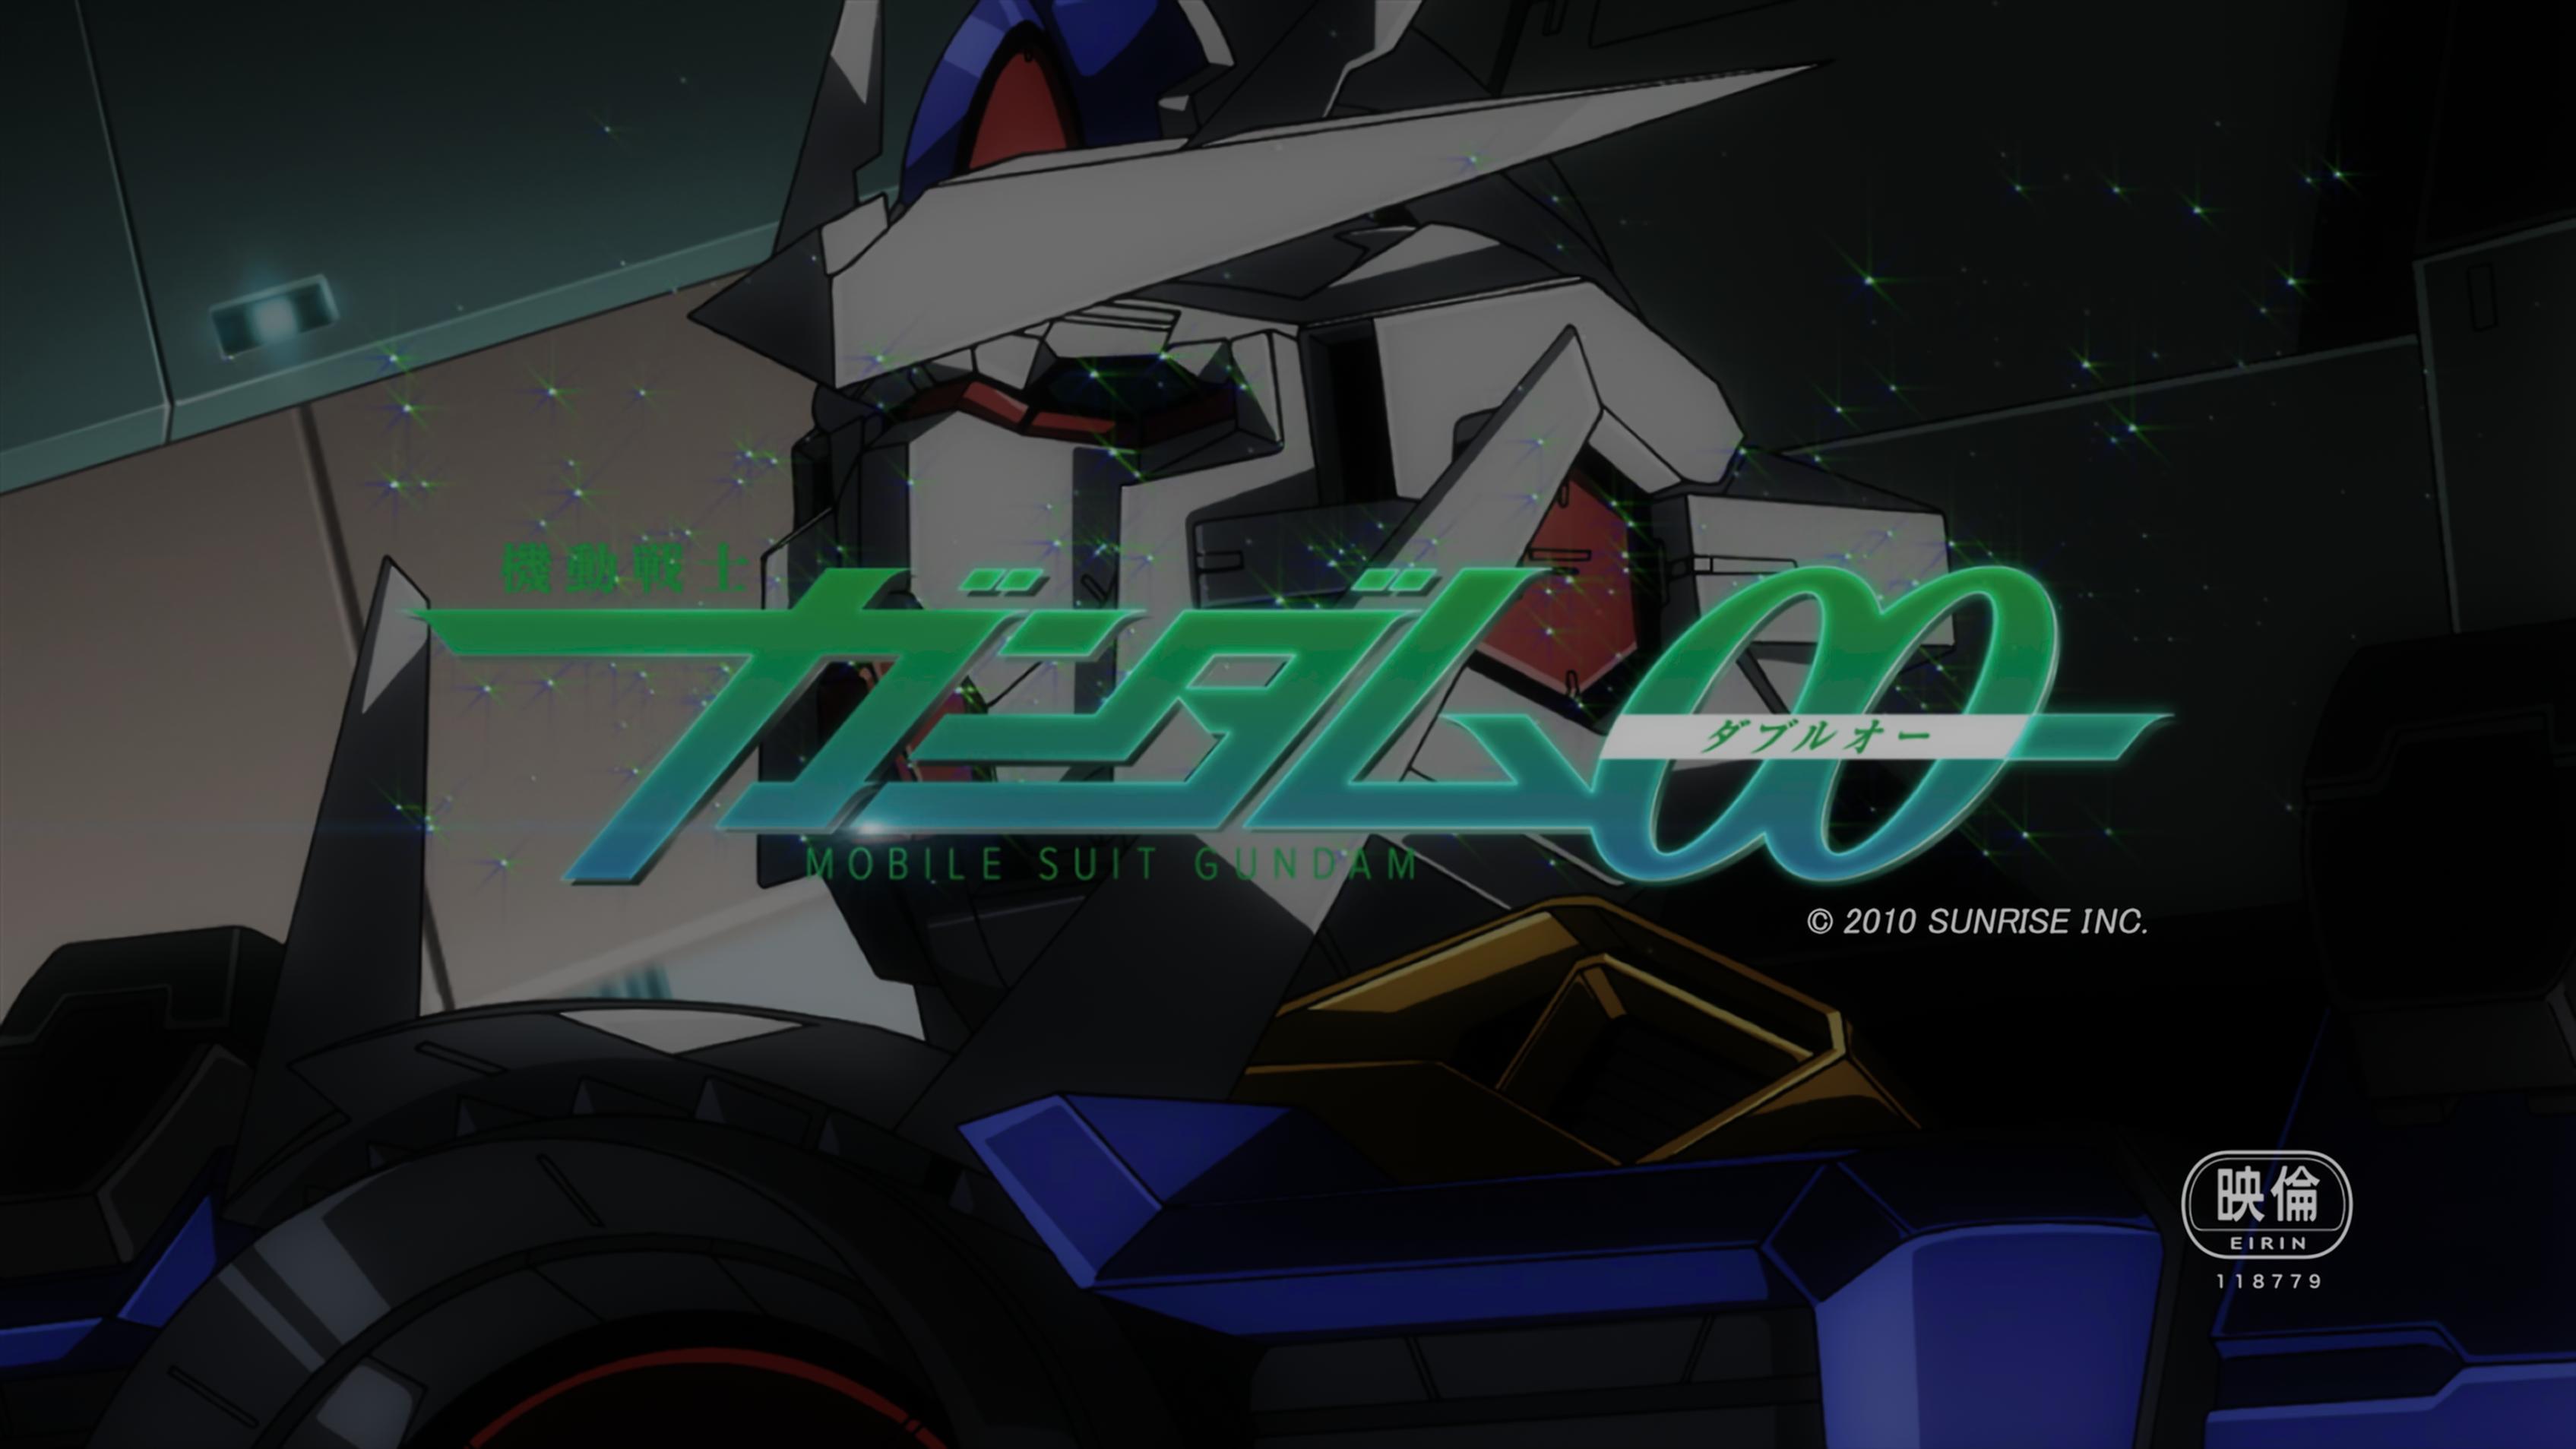 gundam 00 awakening of the trailblazer 1080p download